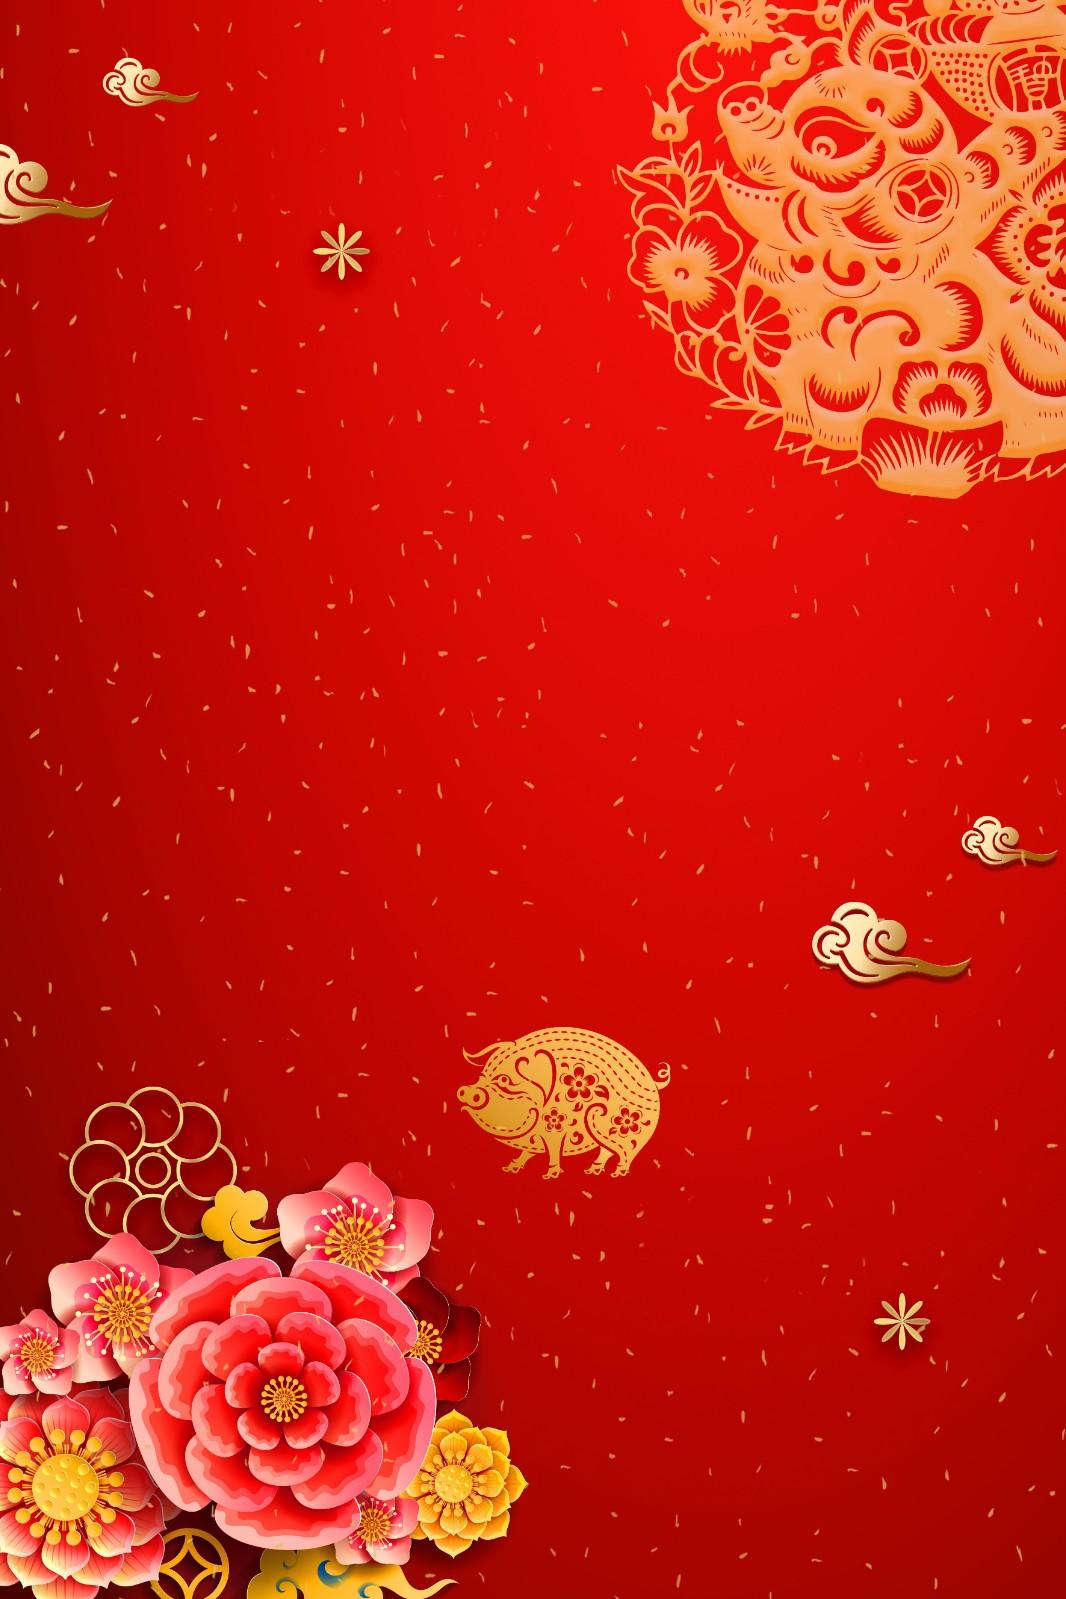 猪年海报背景设计 剪纸风猪年红色海报背景设计